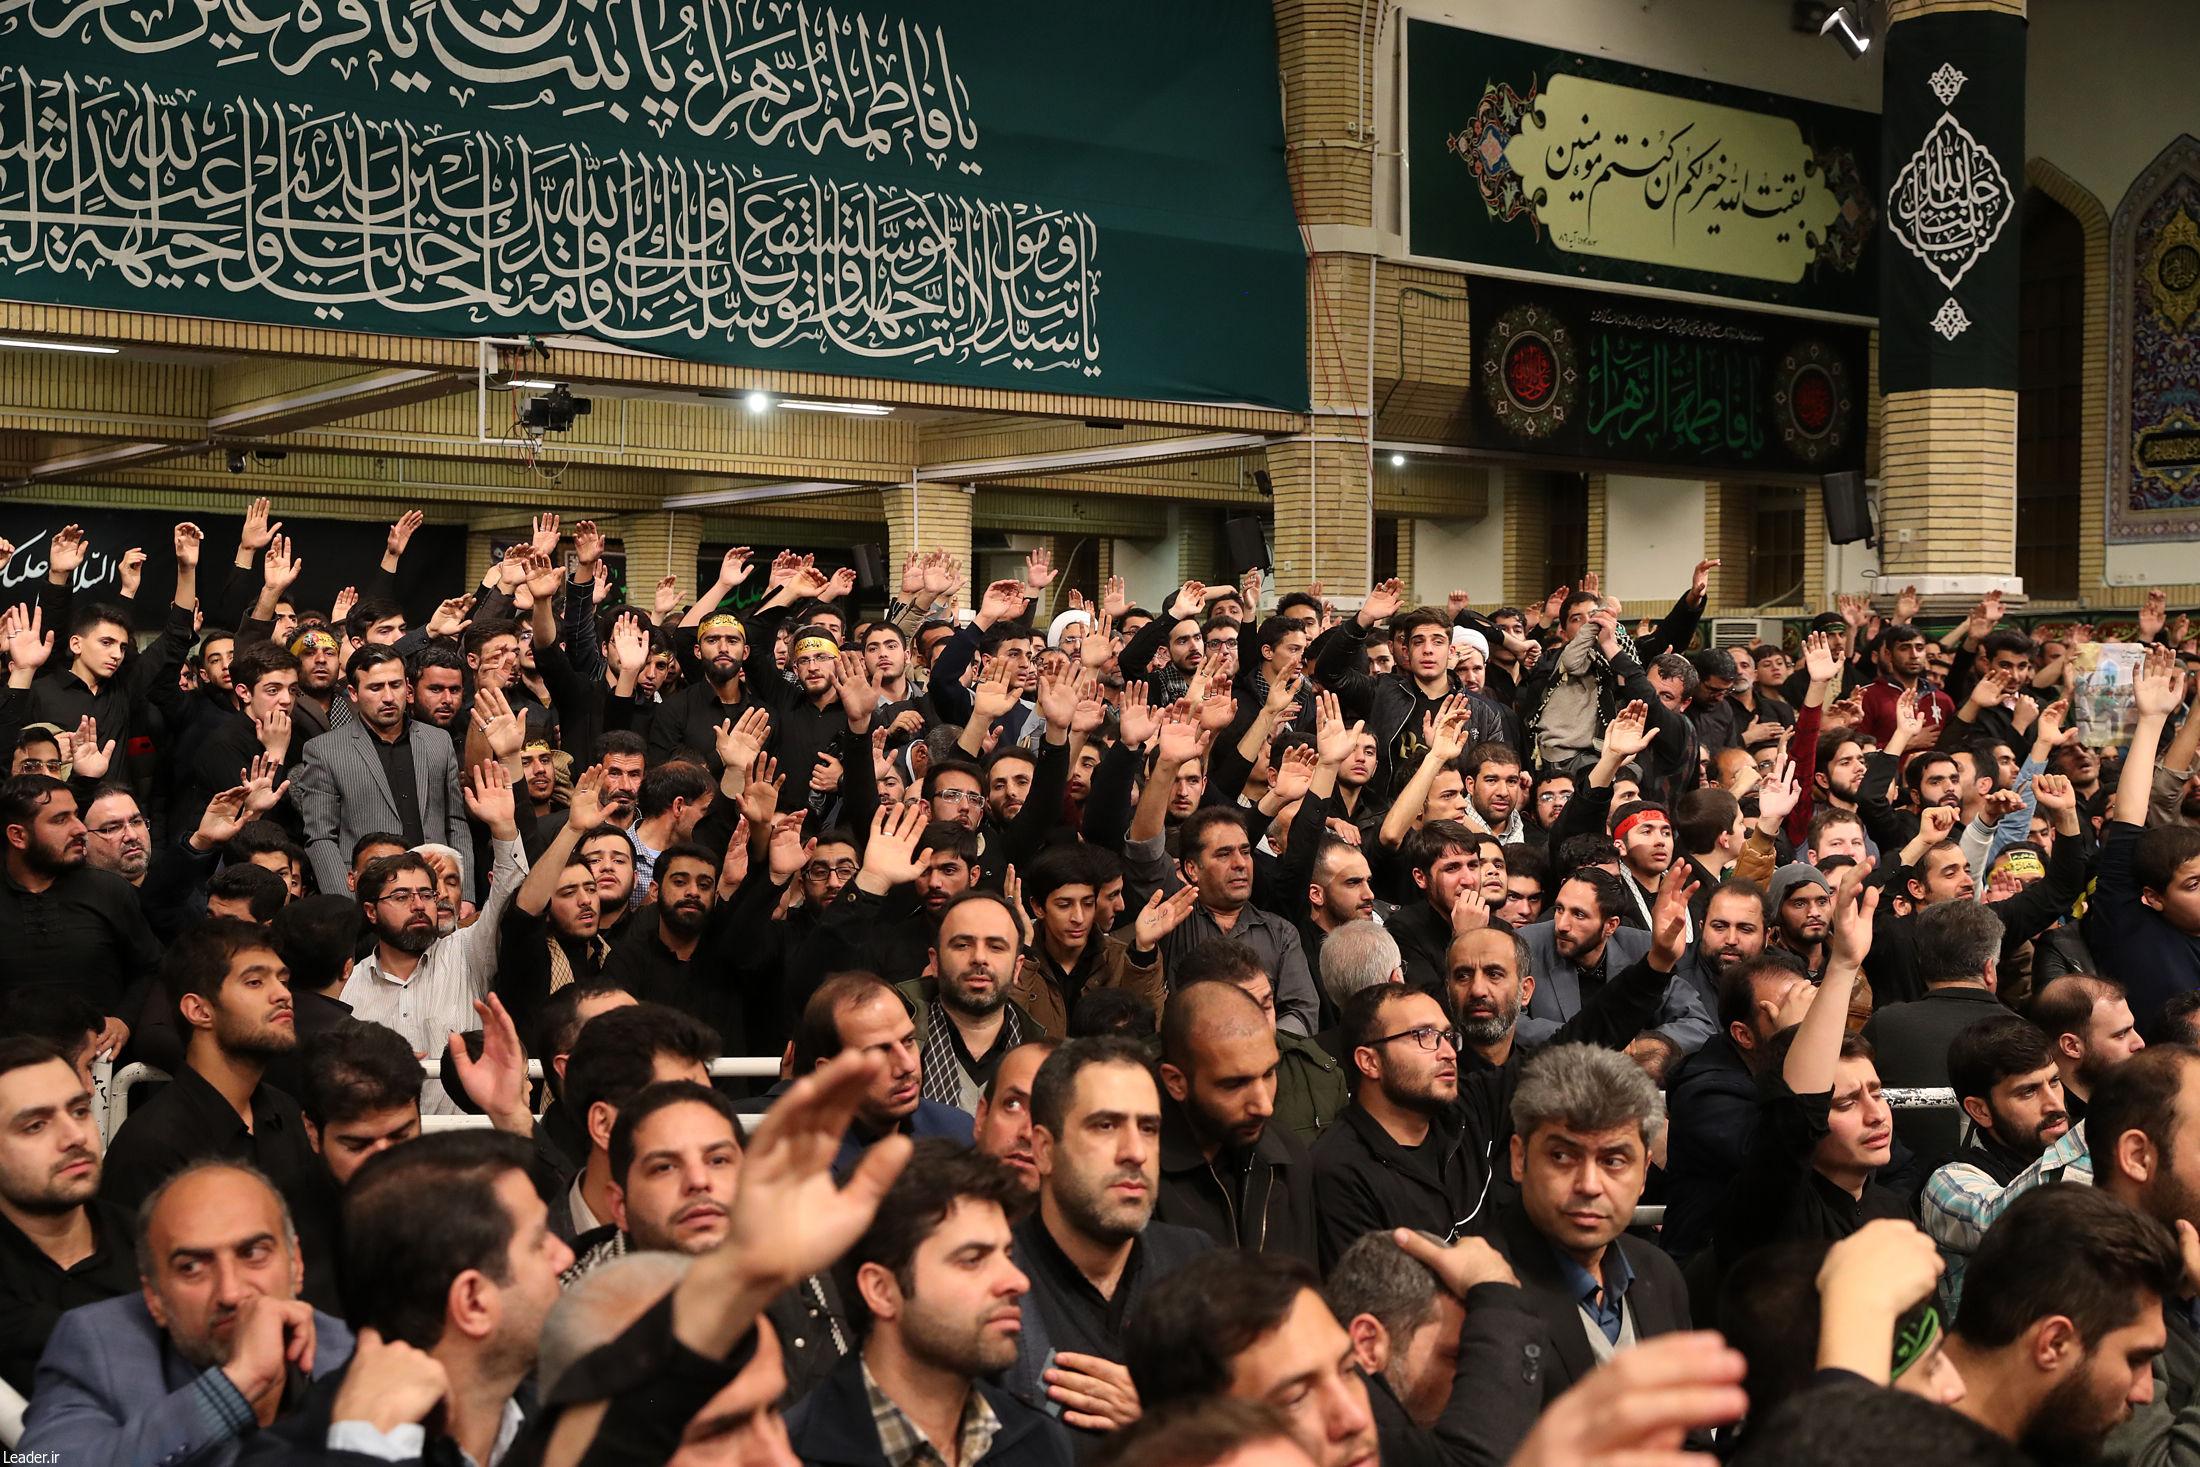 (تصاویر) مراسم عزاداری فاطمیه با حضور رهبر انقلاب